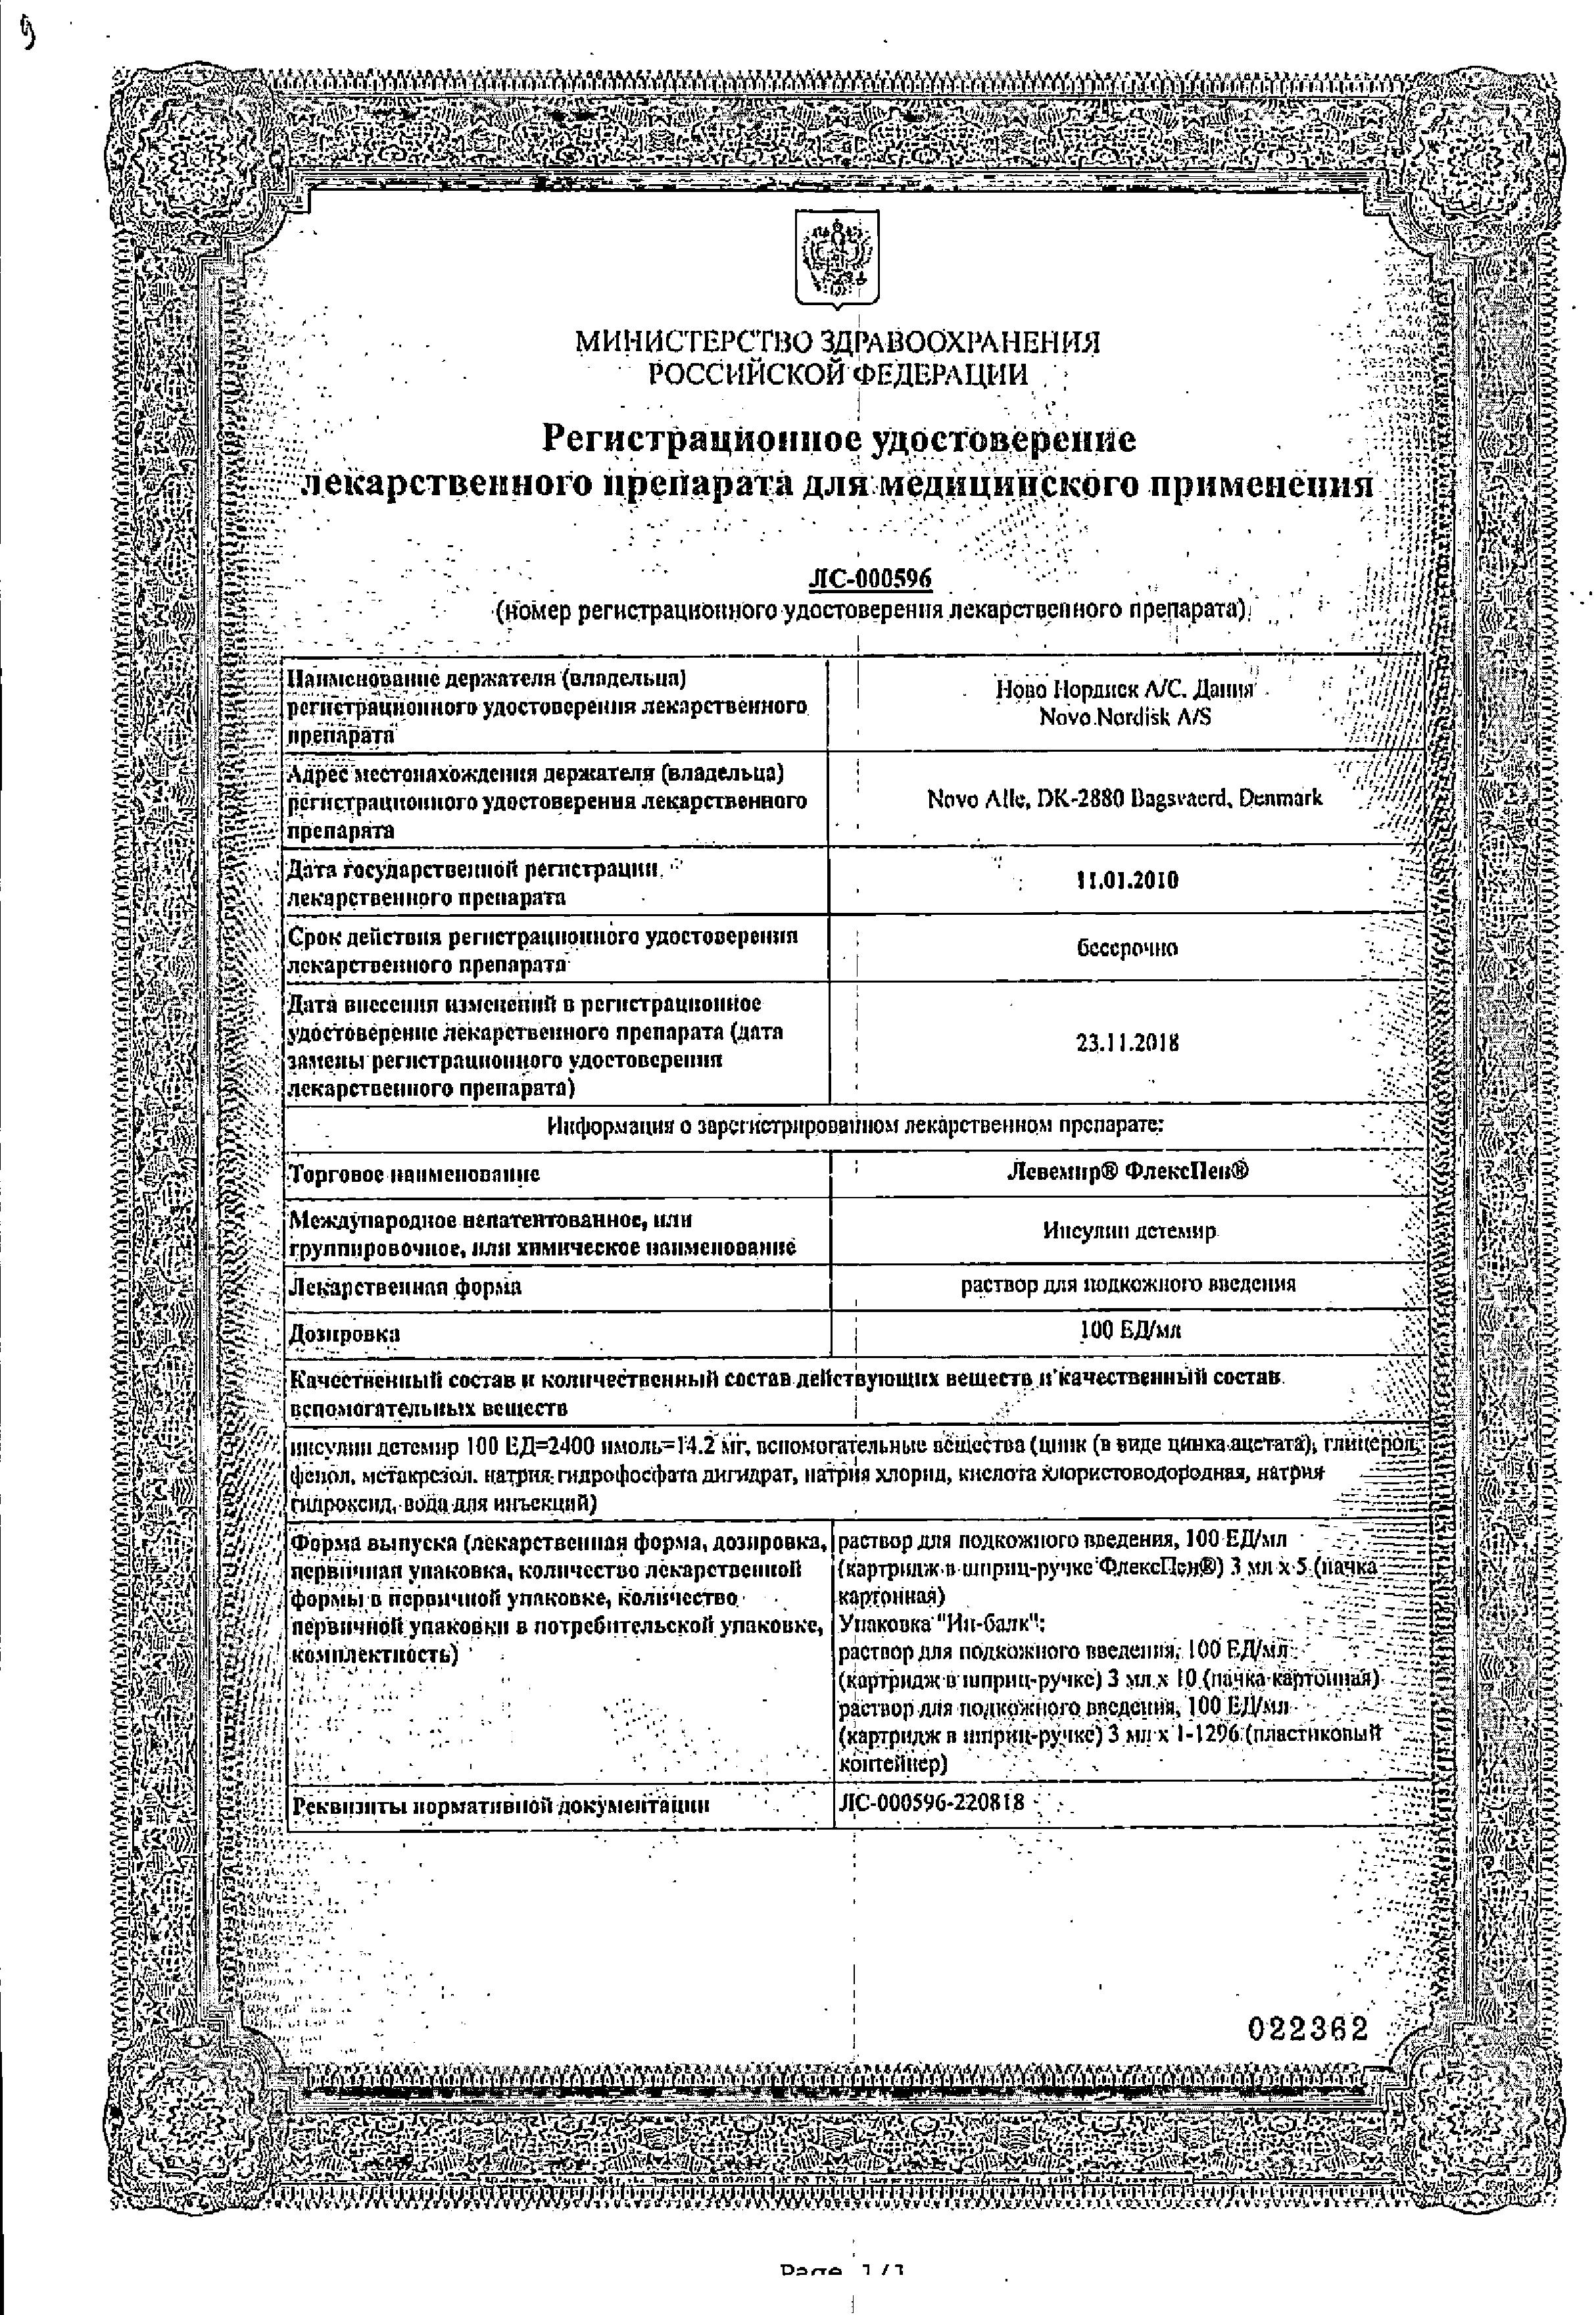 Левемир ФлексПен сертификат